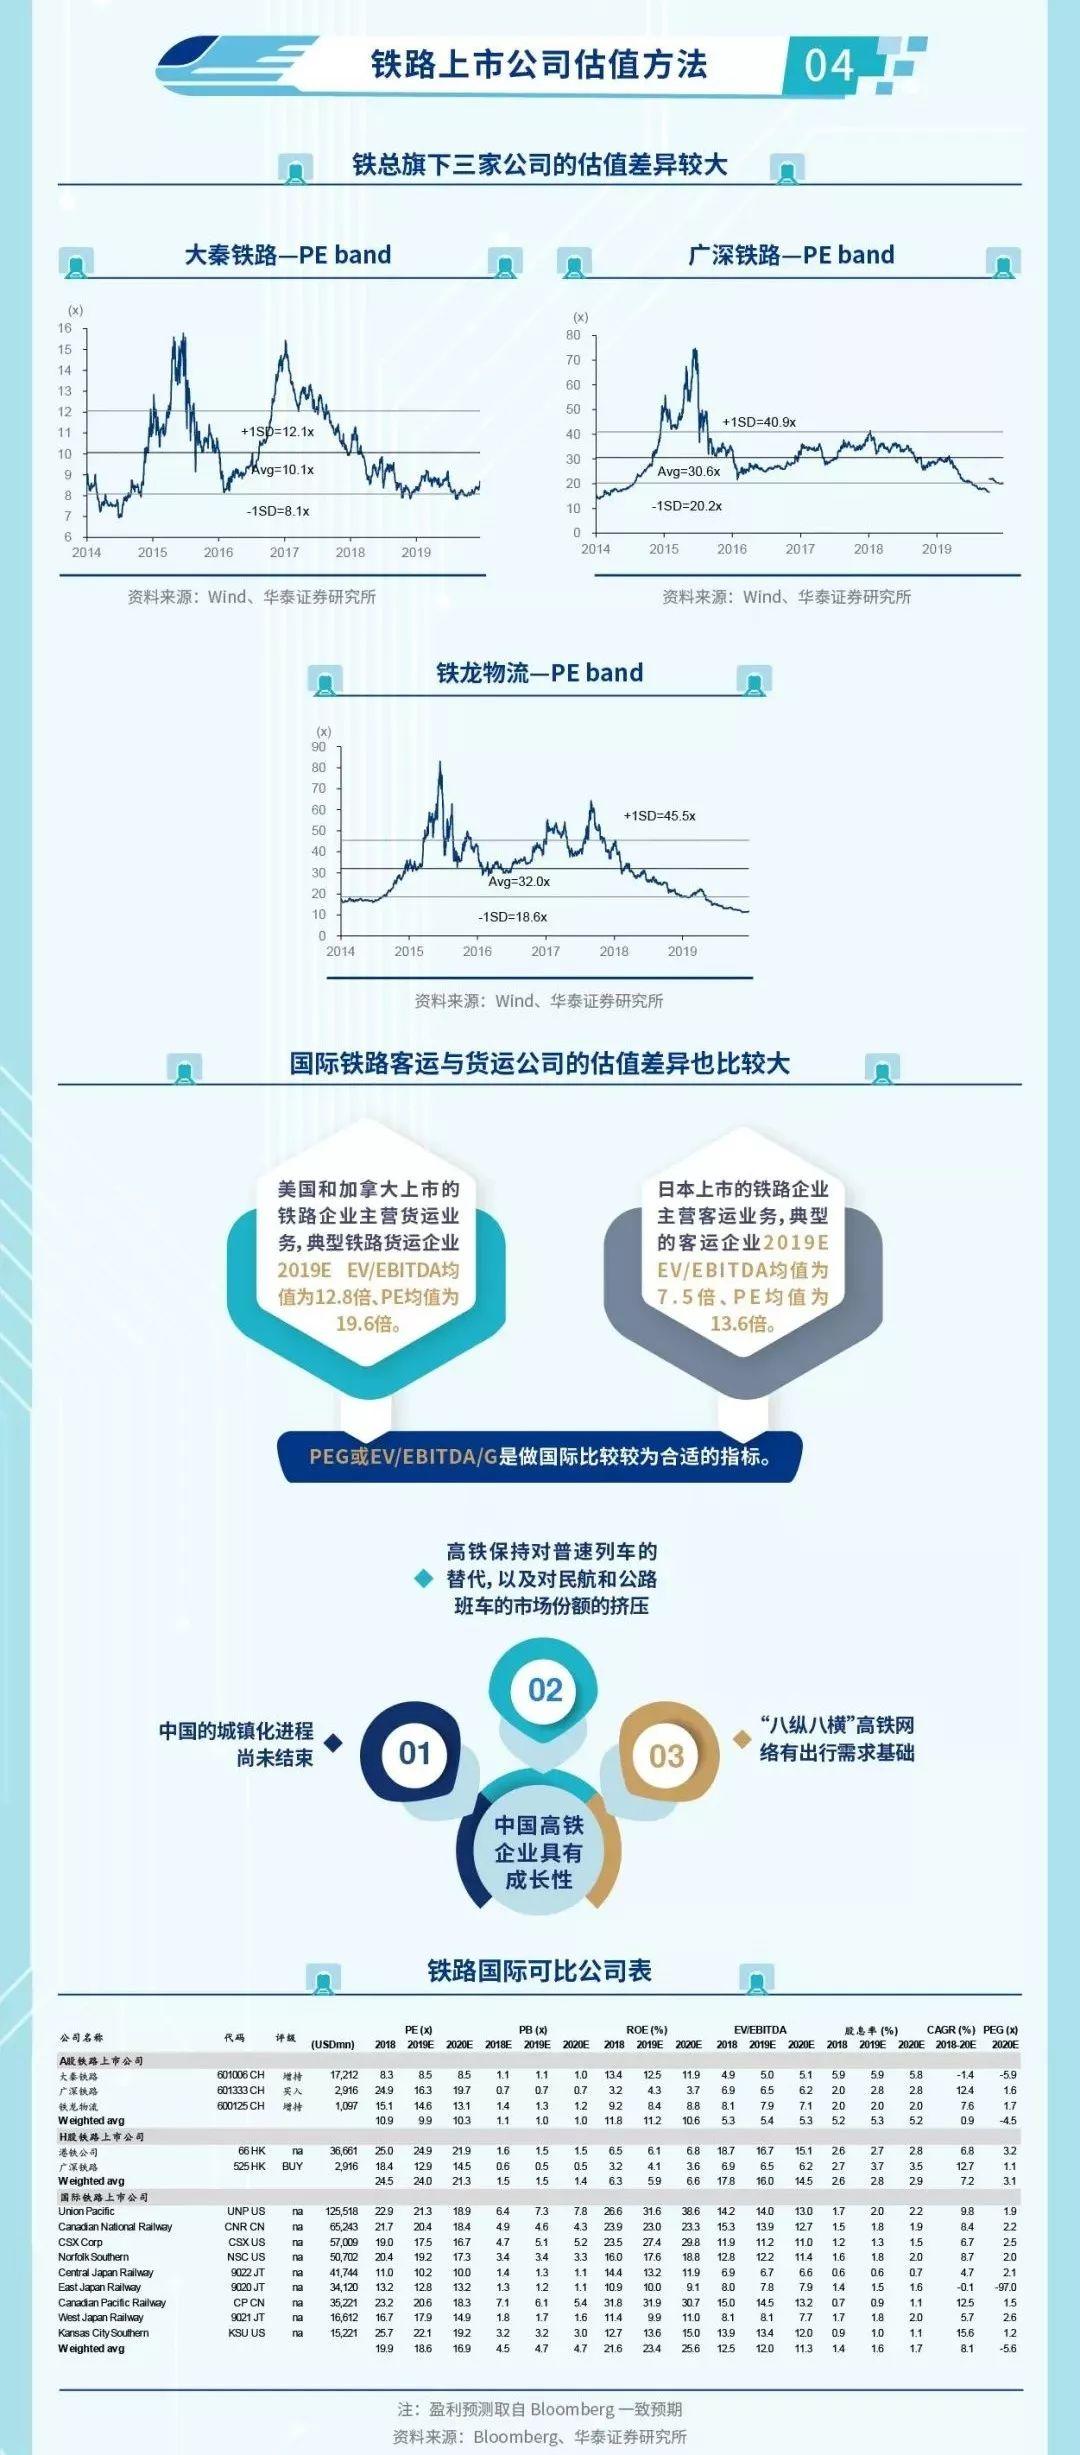 华泰证券:一图看懂京沪高铁盈利模式 三大赚钱要素